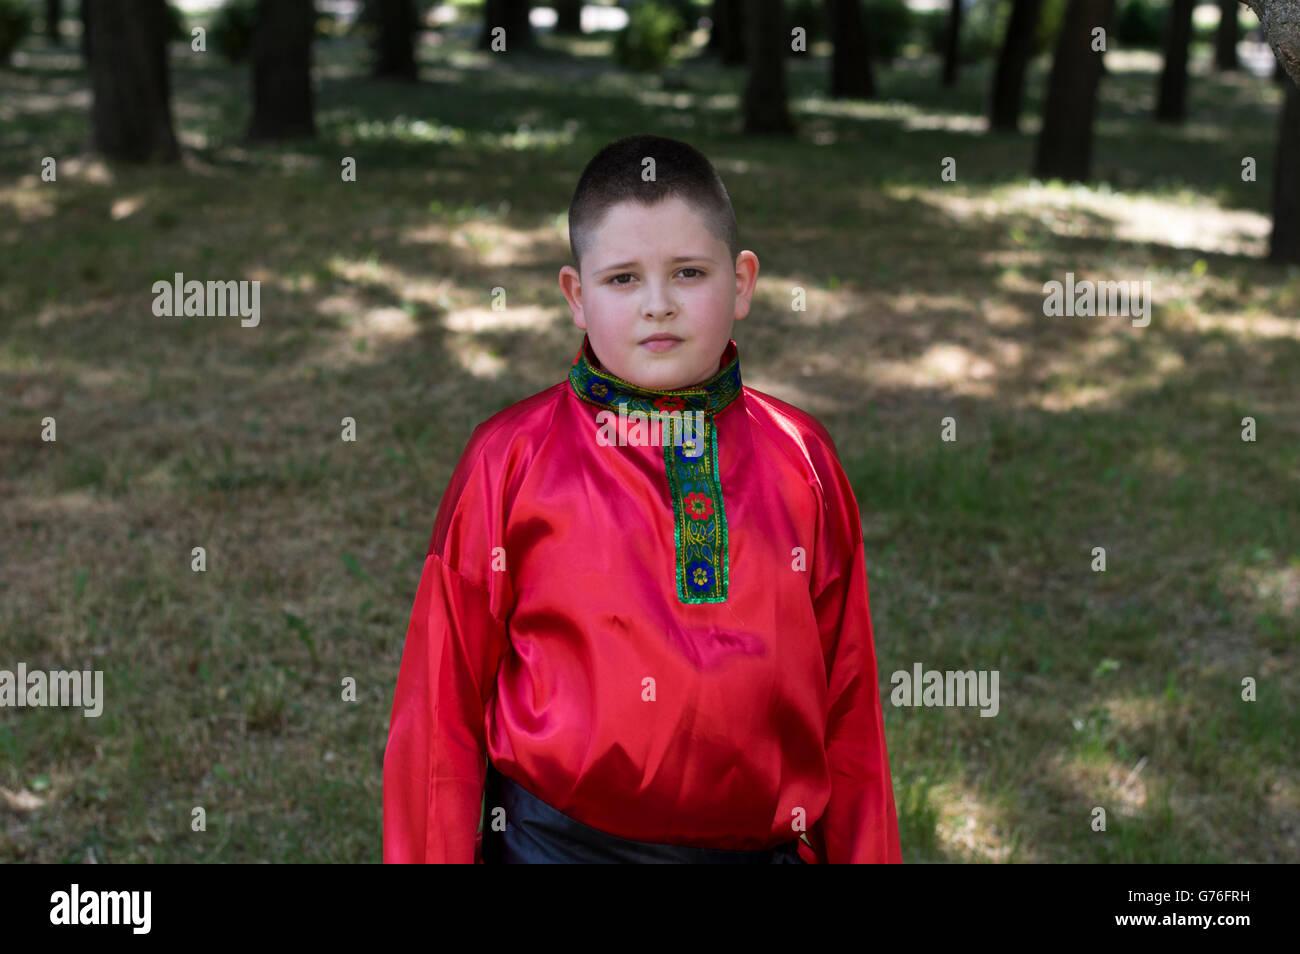 Le garçon dans la chemise russe contre le bois Photo Stock